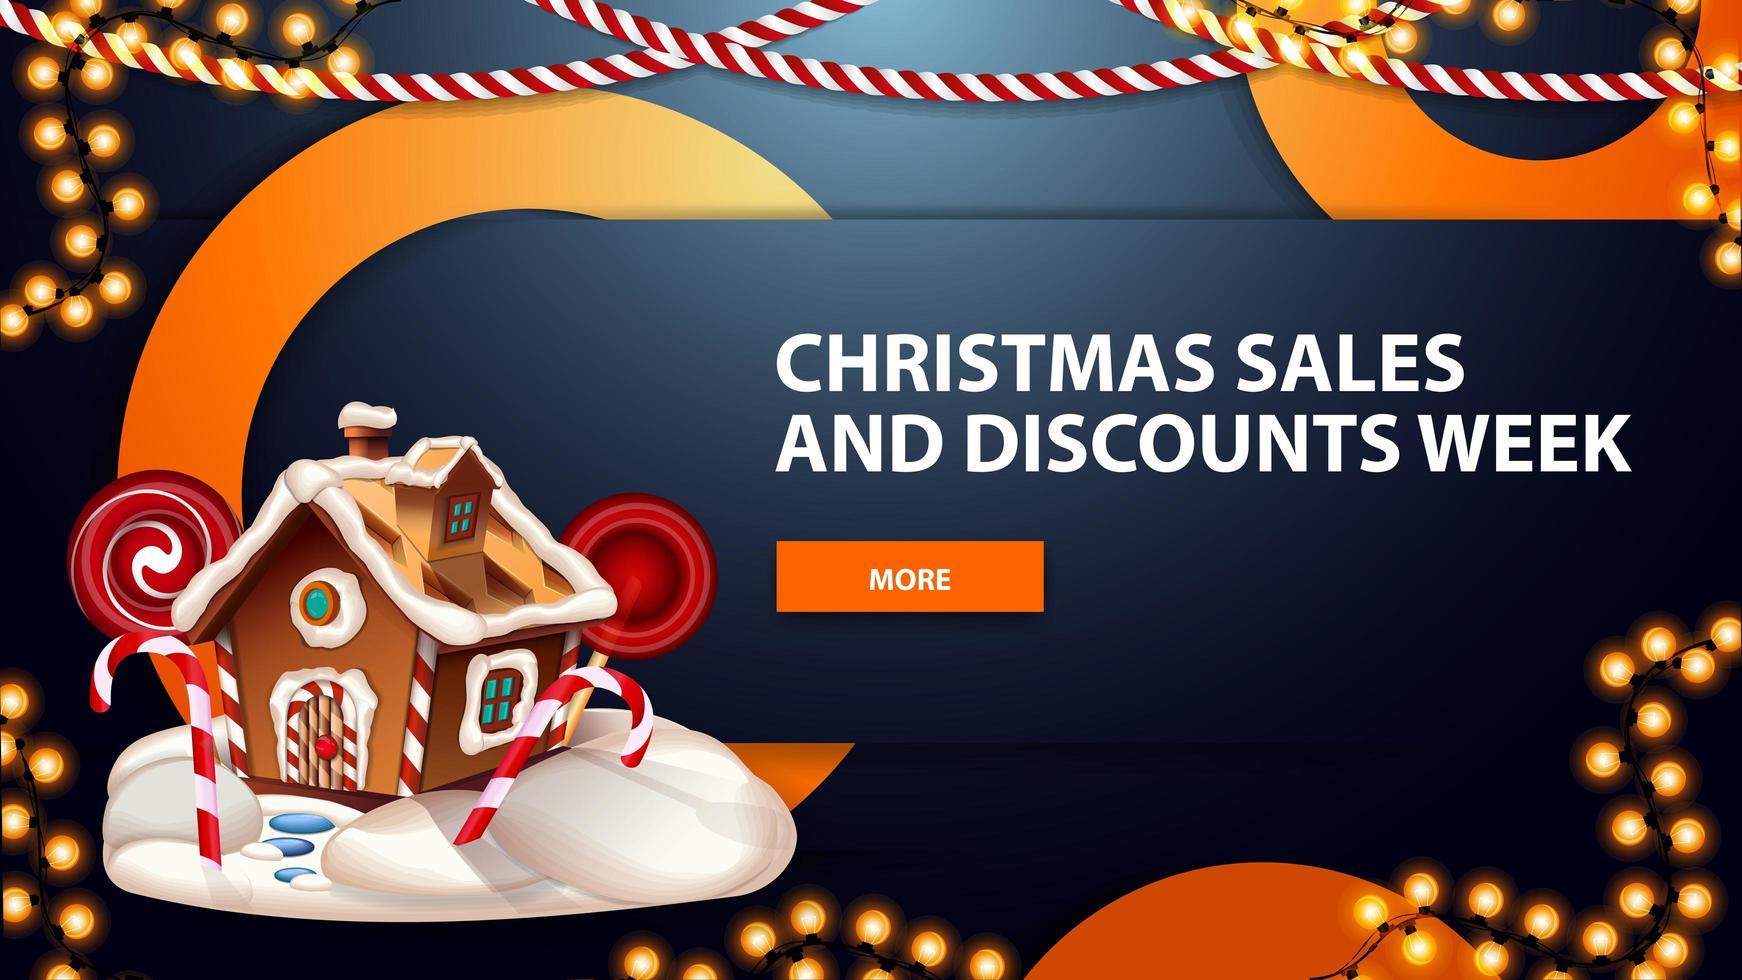 julförsäljning och rabattvecka, blå horisontell modern webbbanner med knapp, kransar, dekorativa ringar och pepparkakshus för jul vektor